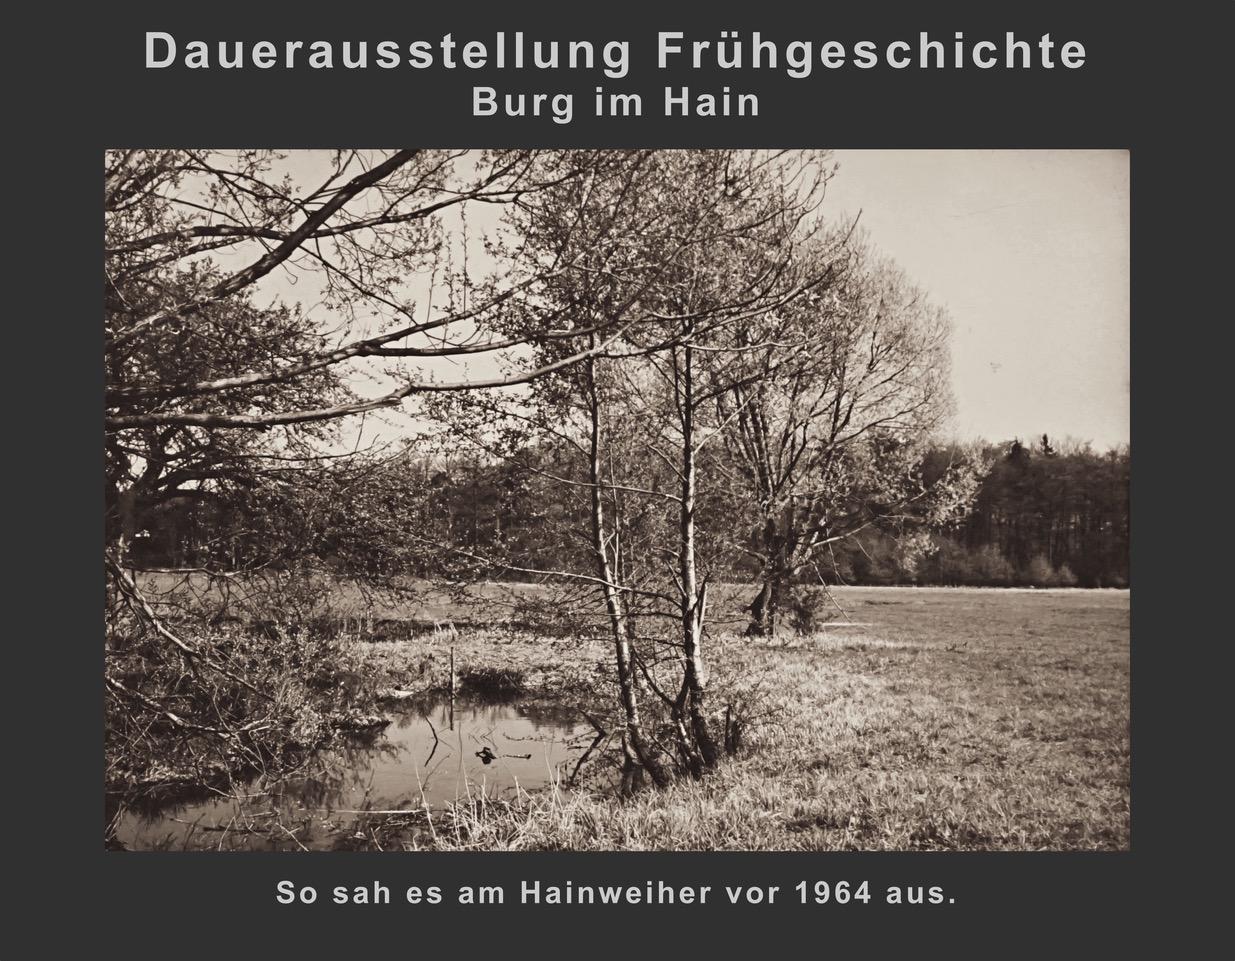 (2) Hainweiher vor 1964